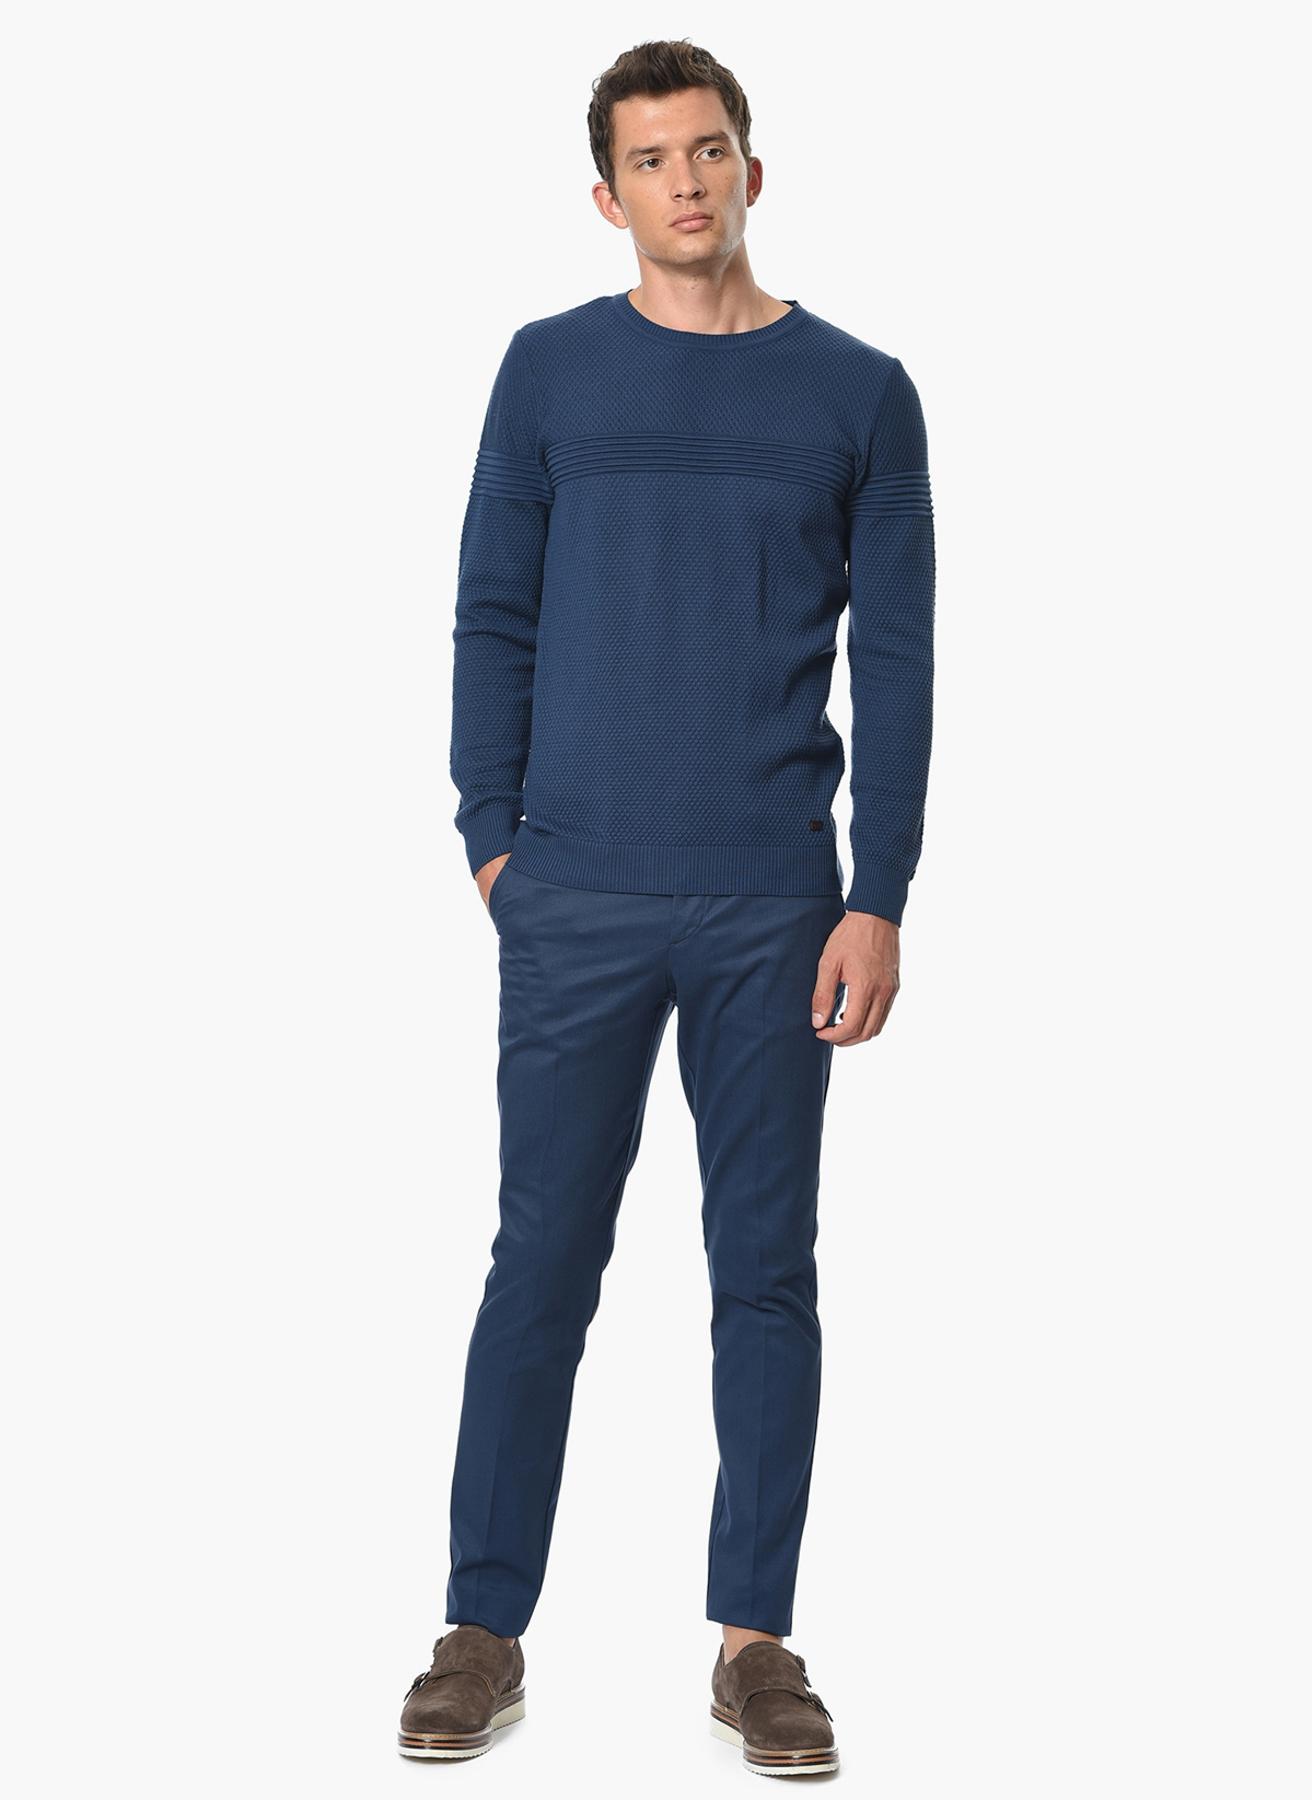 George Hogg Klasik Pantolon 58-6 5001699242007 Ürün Resmi